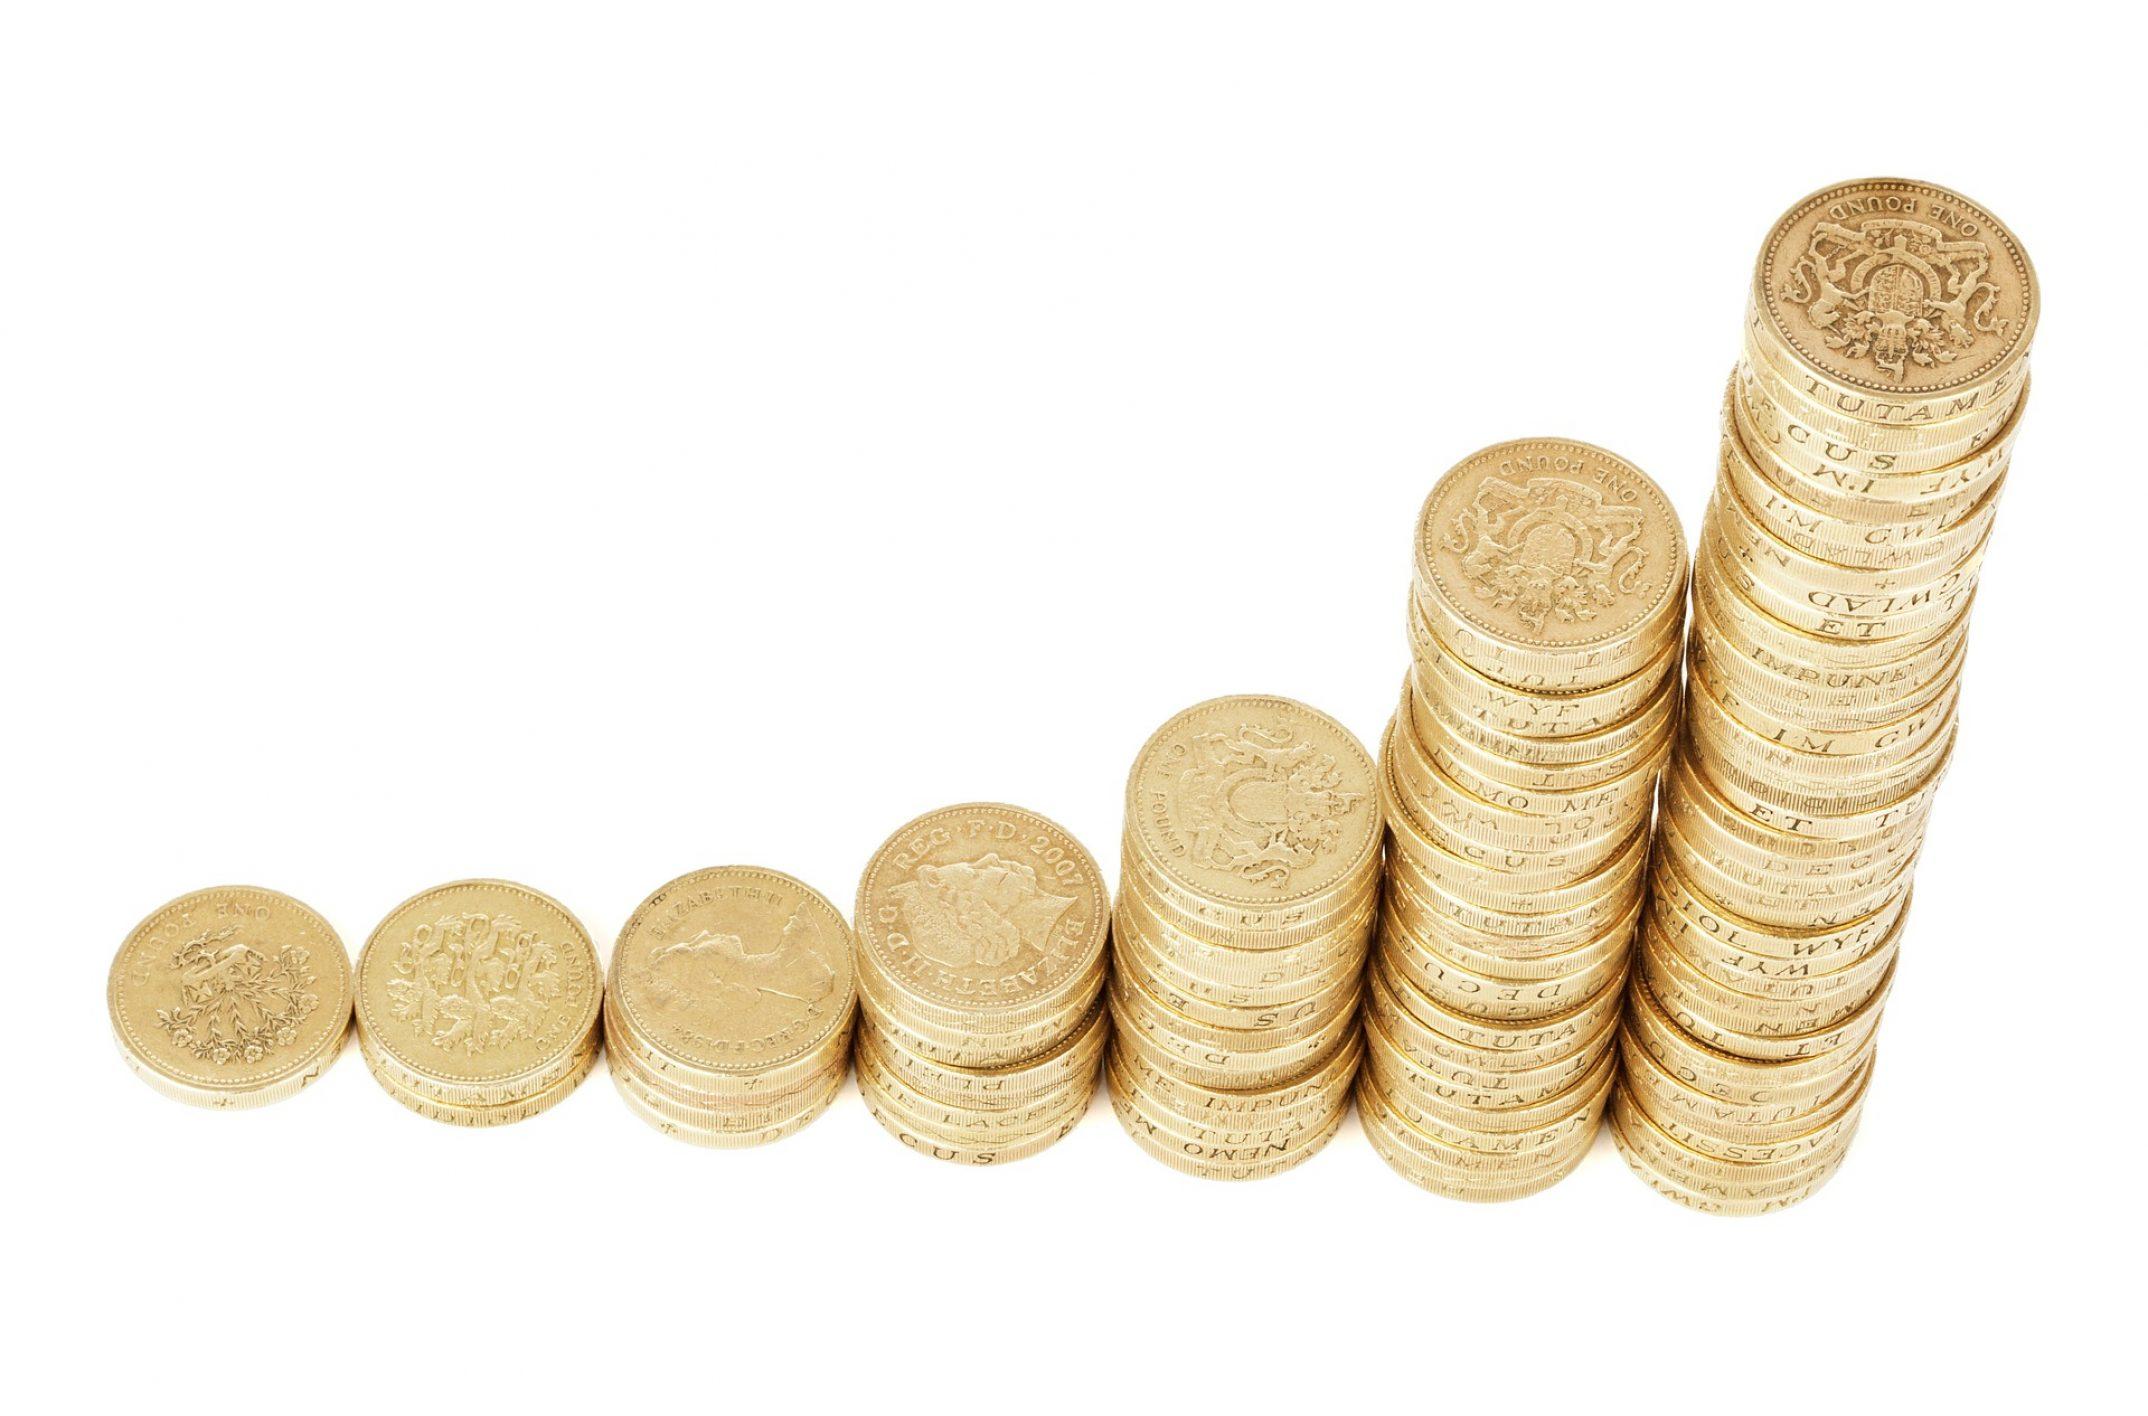 Réalisez davantage d'économies pendant les soldes